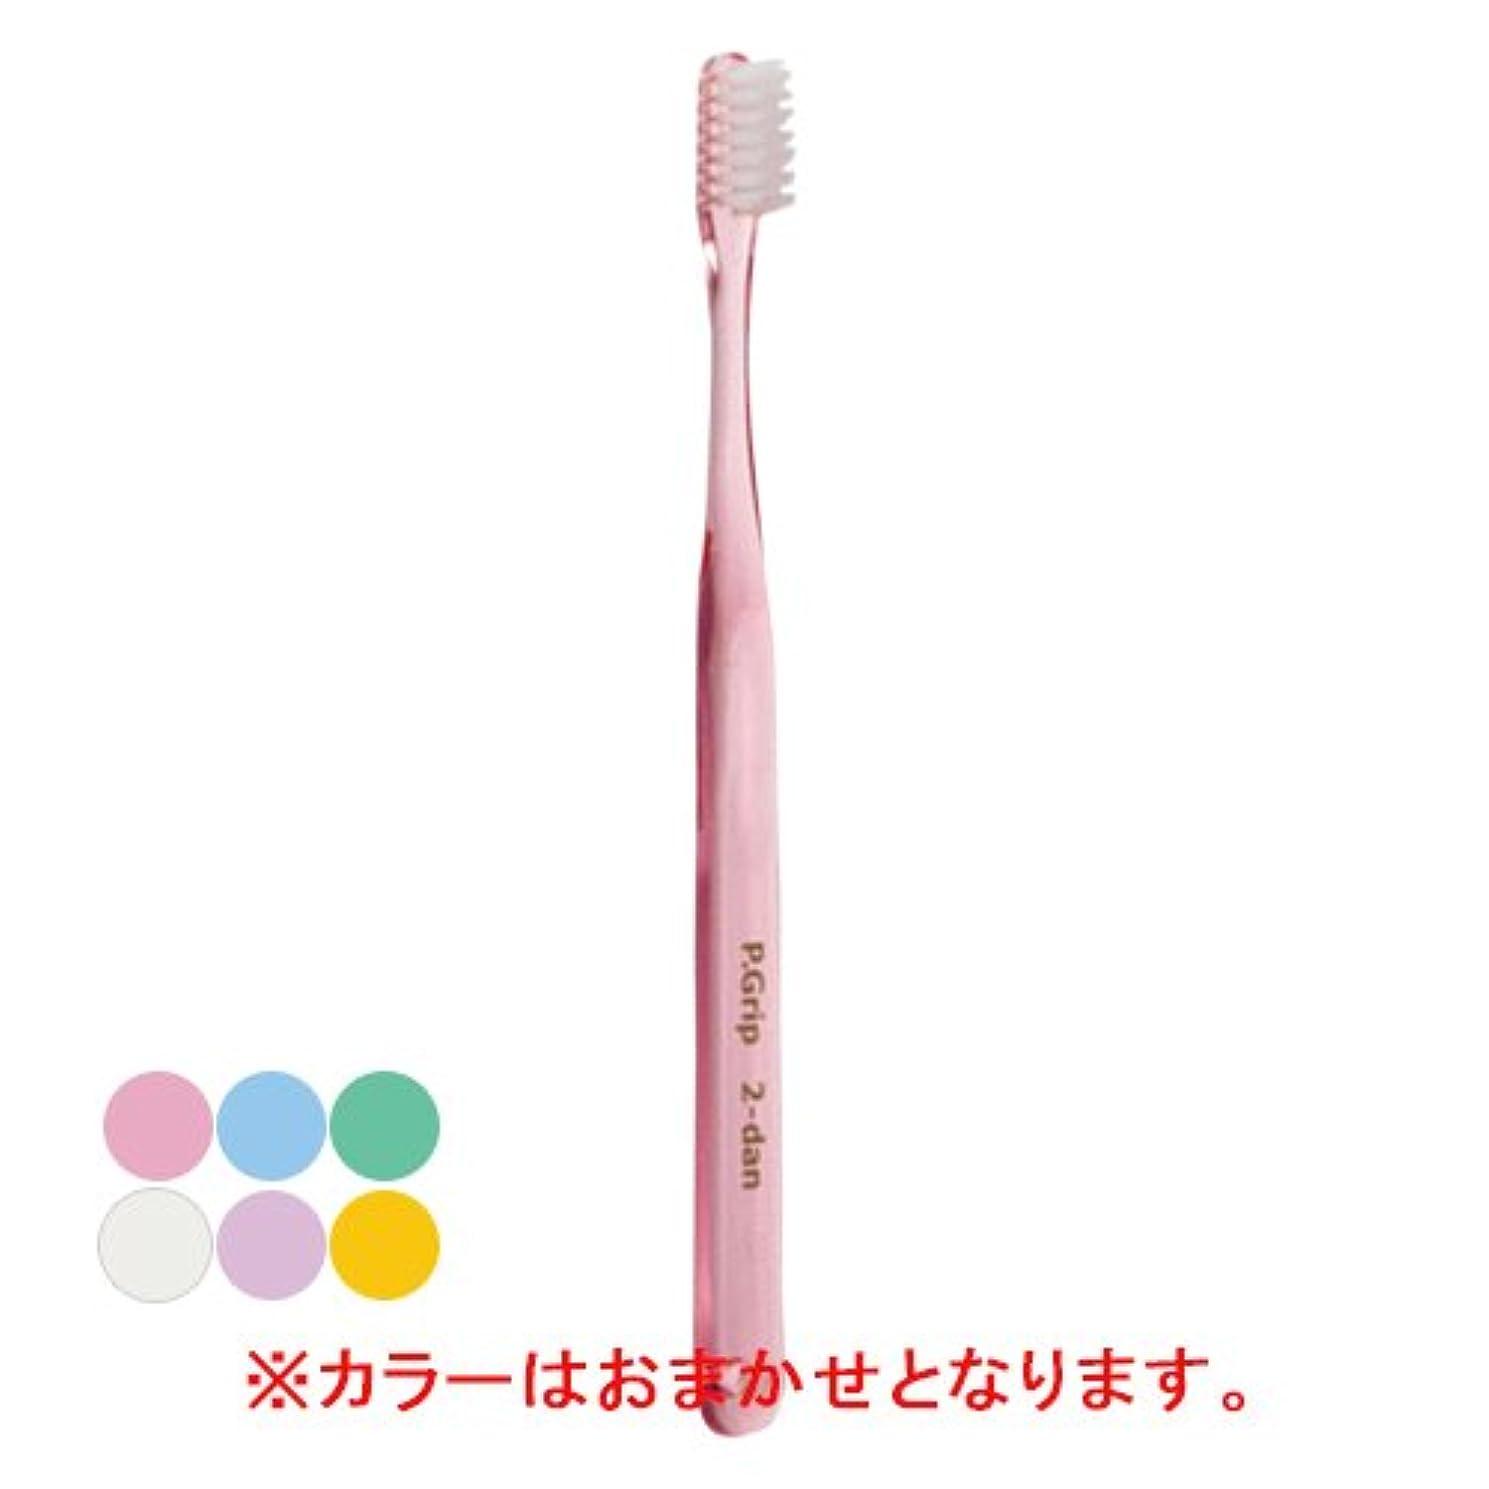 その開業医メロドラマP.D.R.(ピーディーアール) P.Grip(ピーグリップ)歯ブラシ 二段植毛タイプ ソフト(やわらかめ) 1本